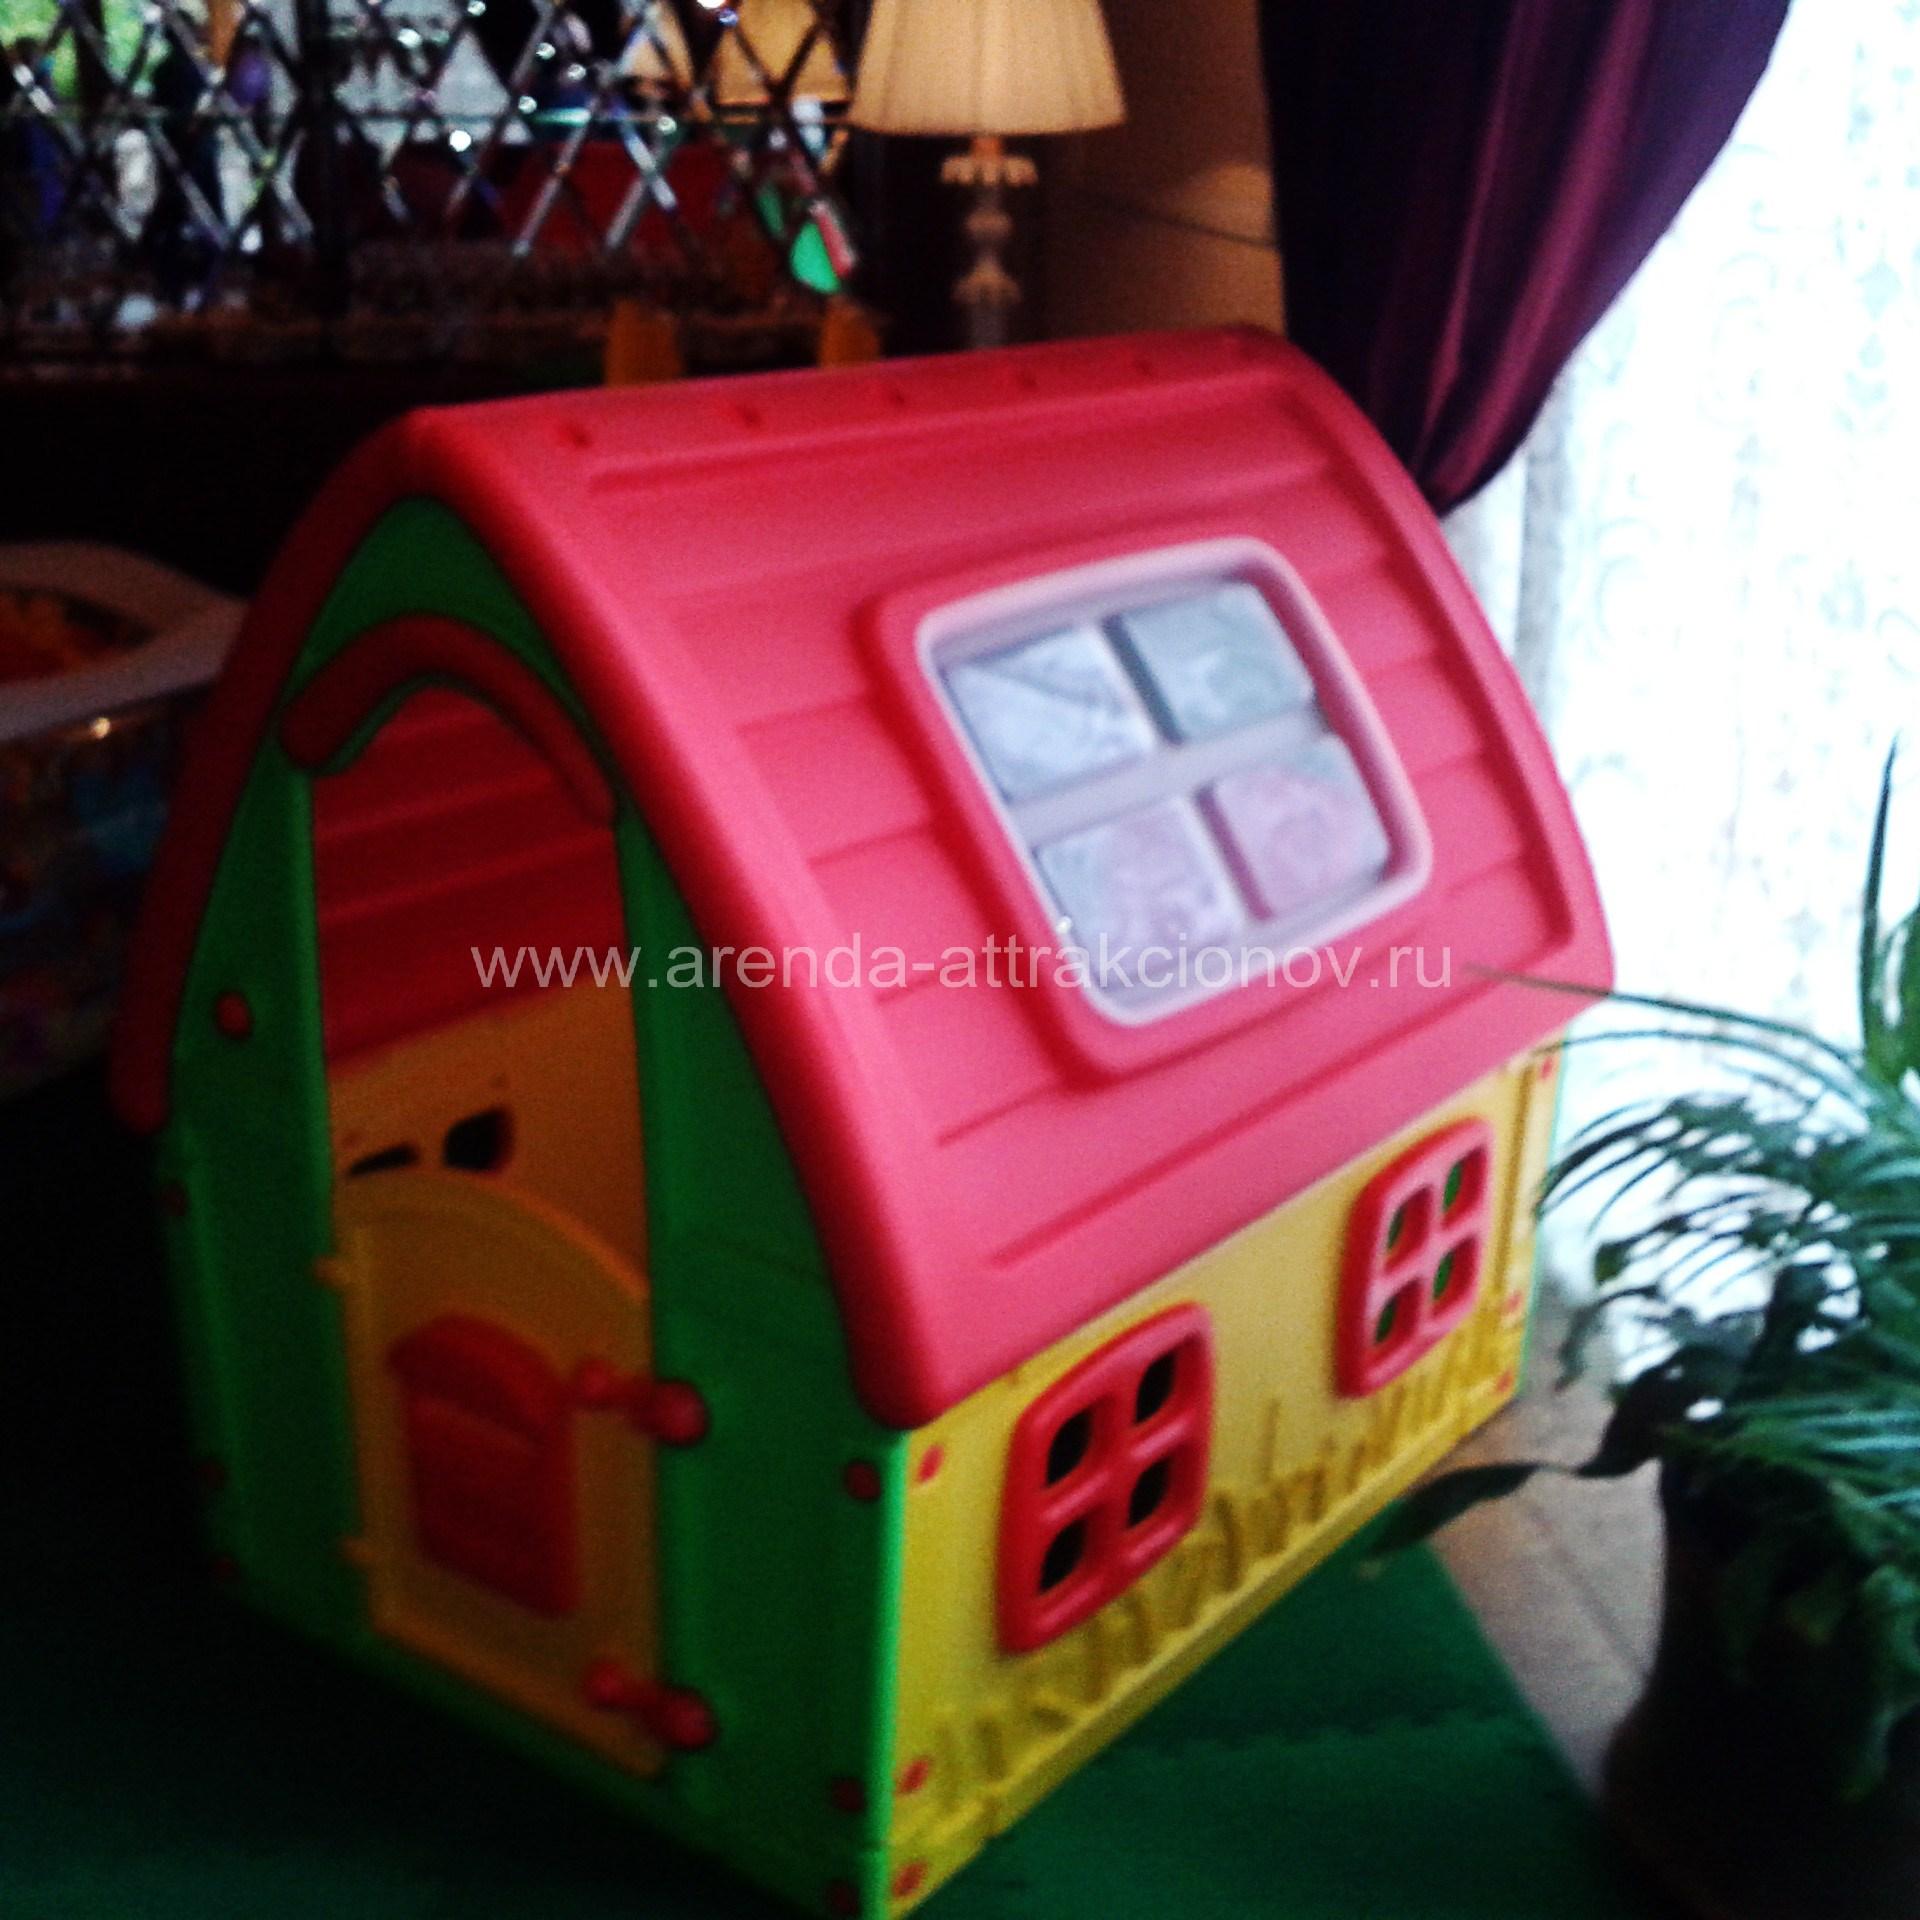 Домик входящий в комплект Детского уголка